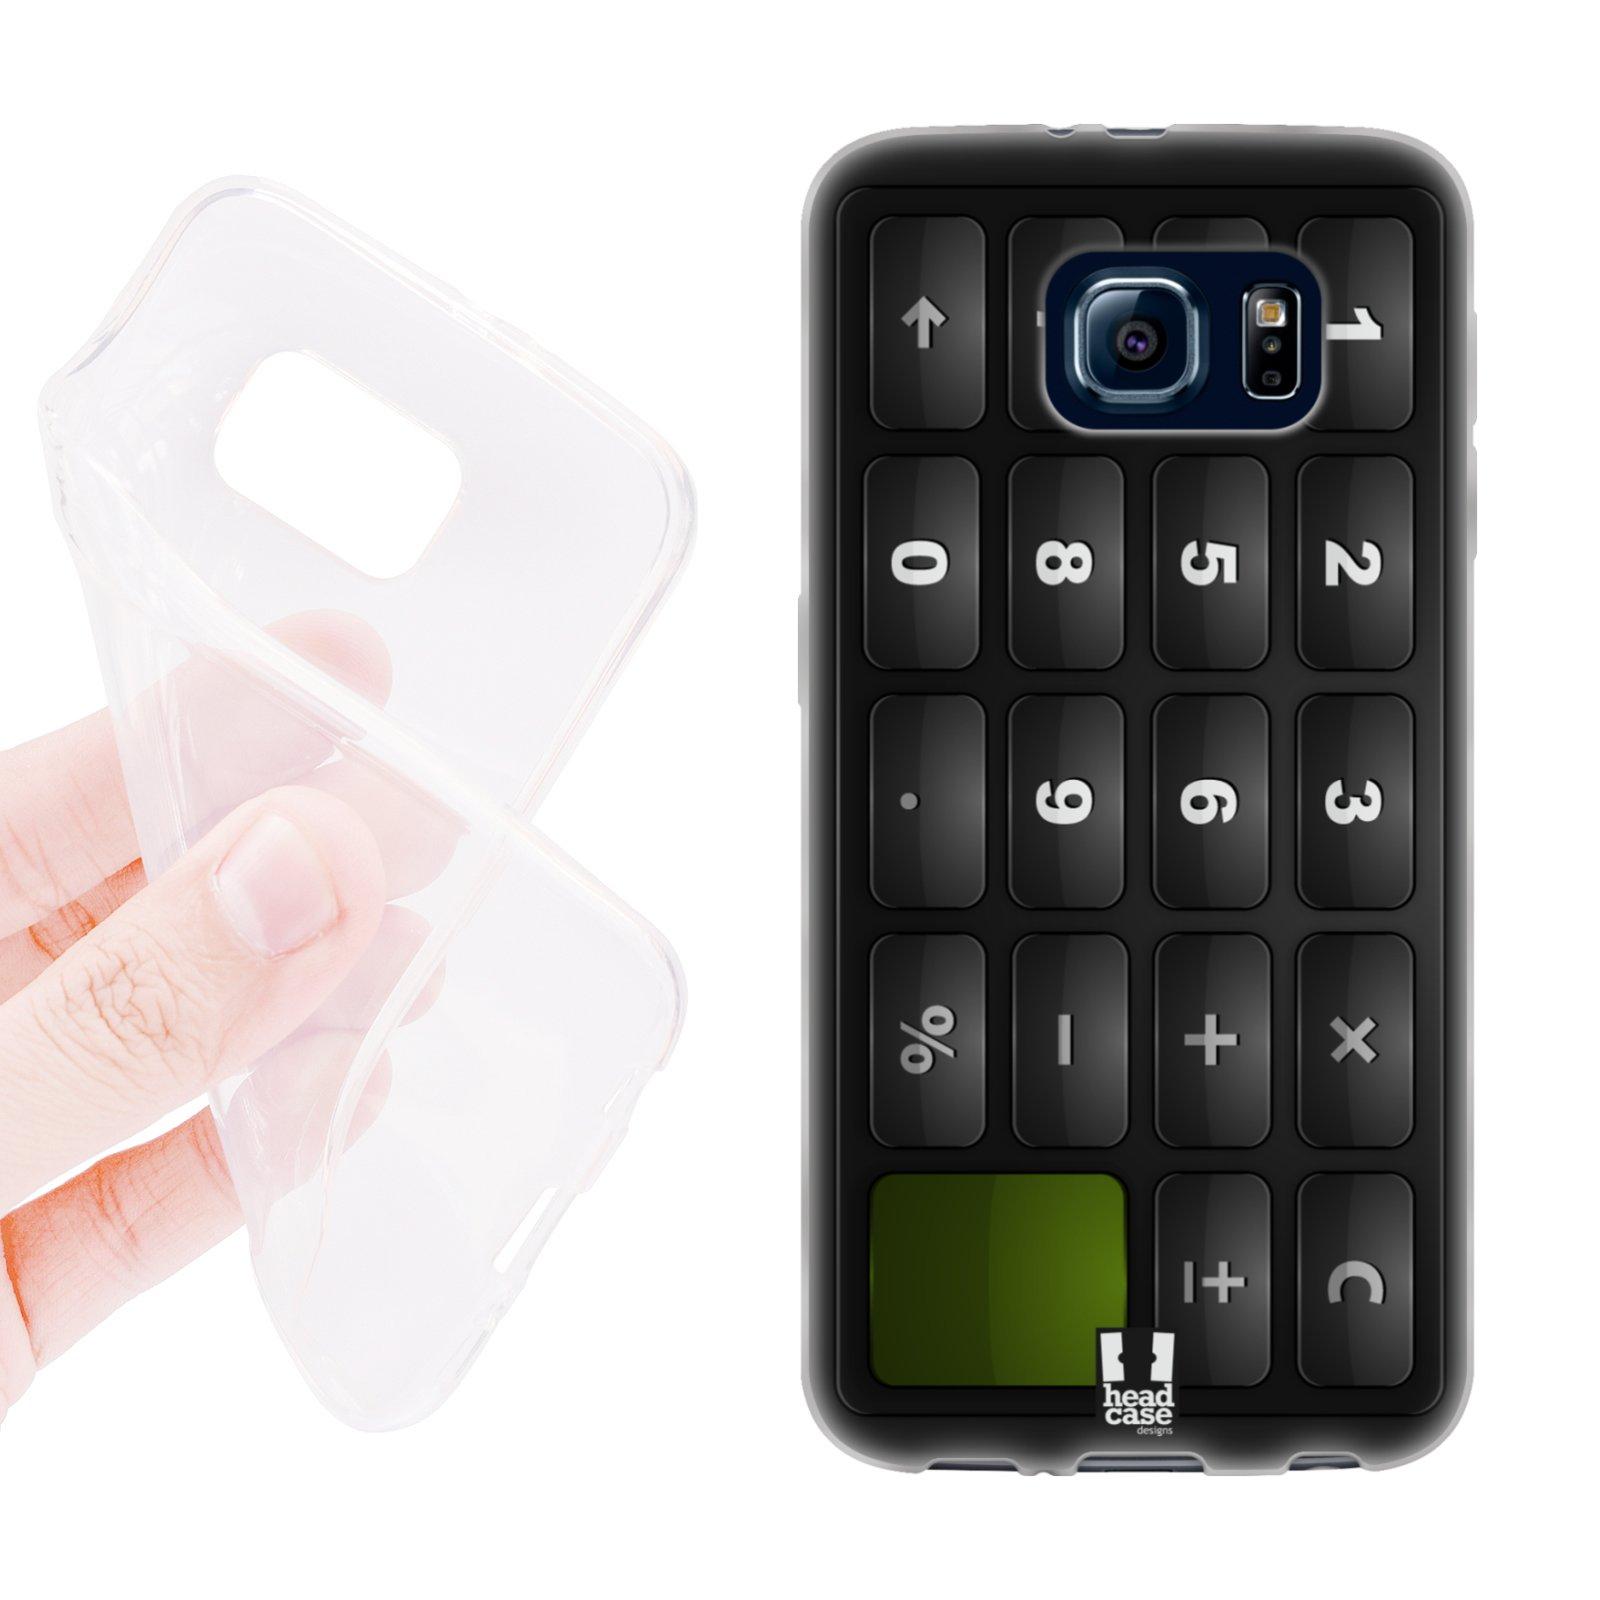 HEAD CASE silikonový obal na mobil Samsung galaxy S6 kalkulačka černá